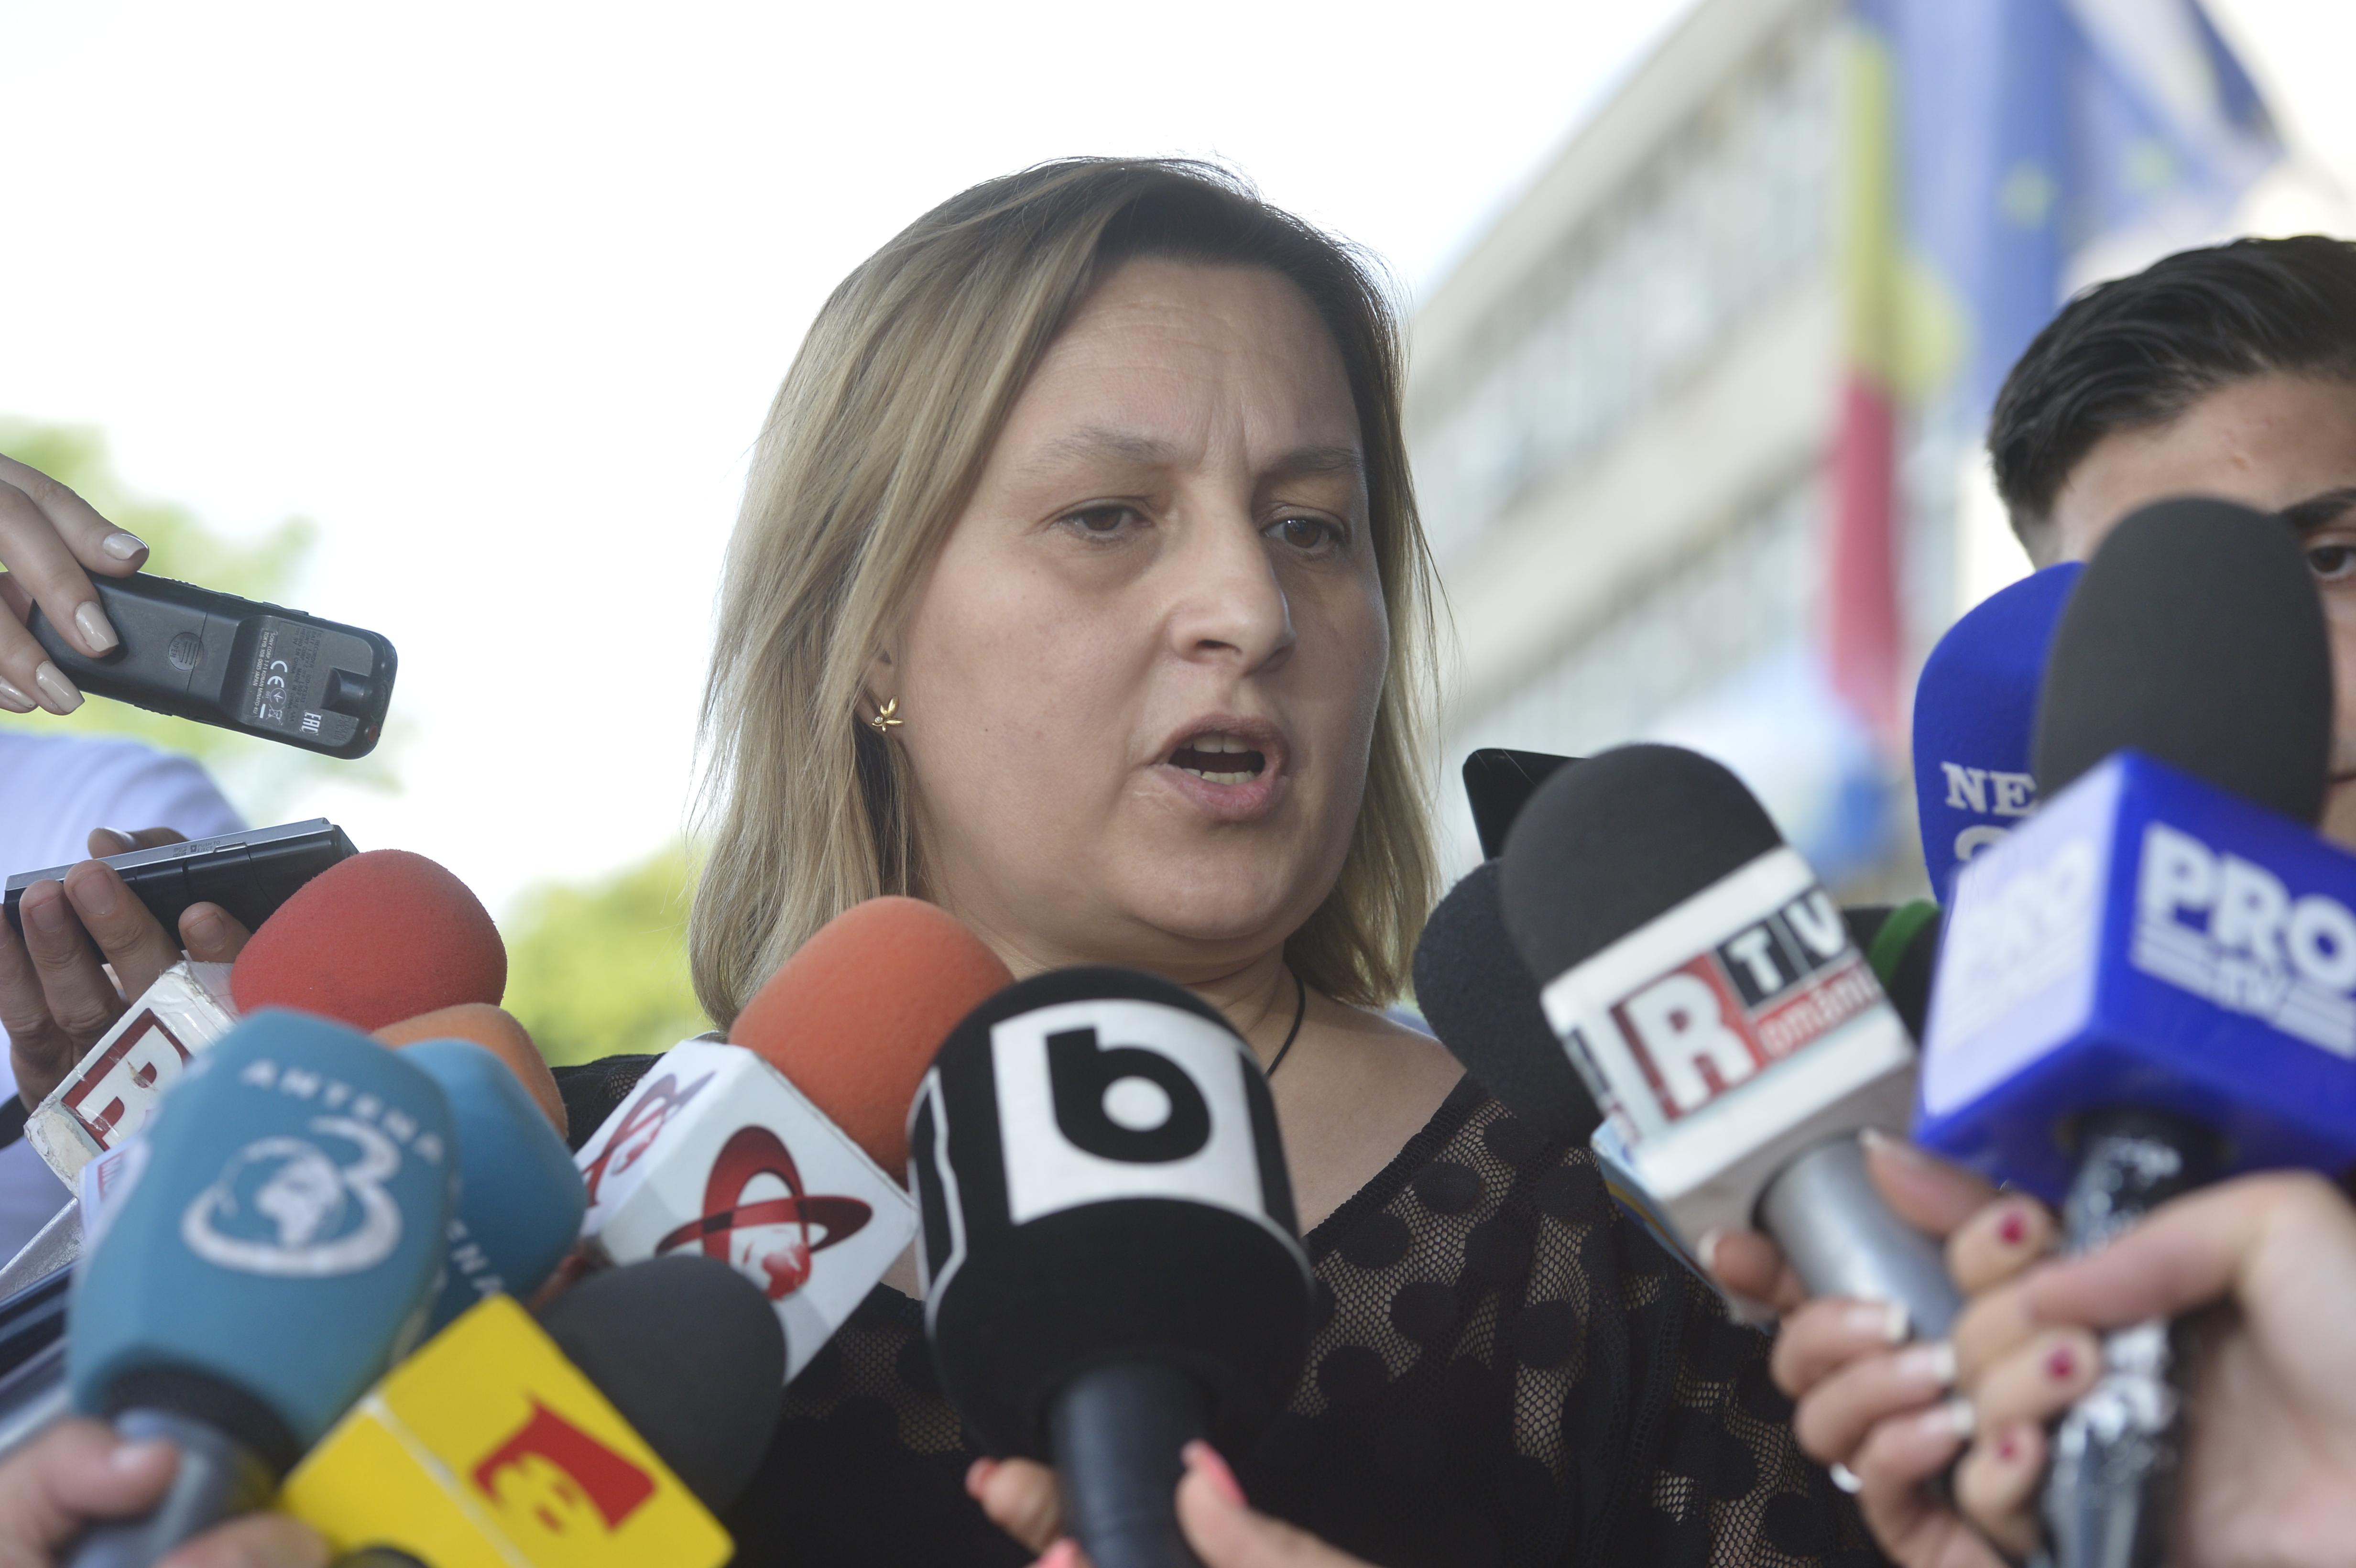 Procurorul Mihaela Iorga despre procurorii DNA: Cu toţii sunt afectaţi. Suntem afectaţi că au apărut acele înregistrări